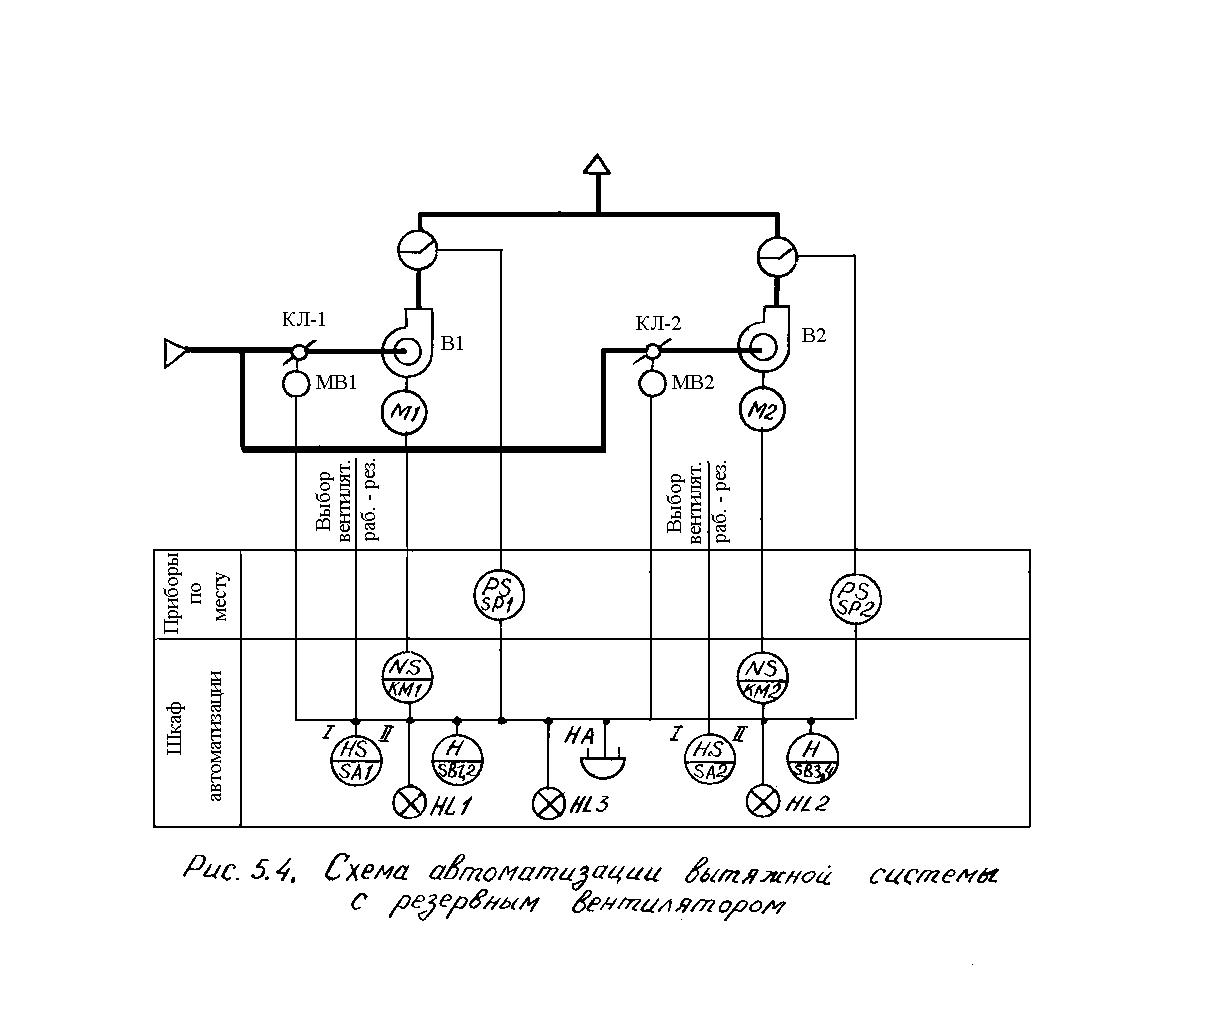 Схема управления вентиляционной установкой фото 617